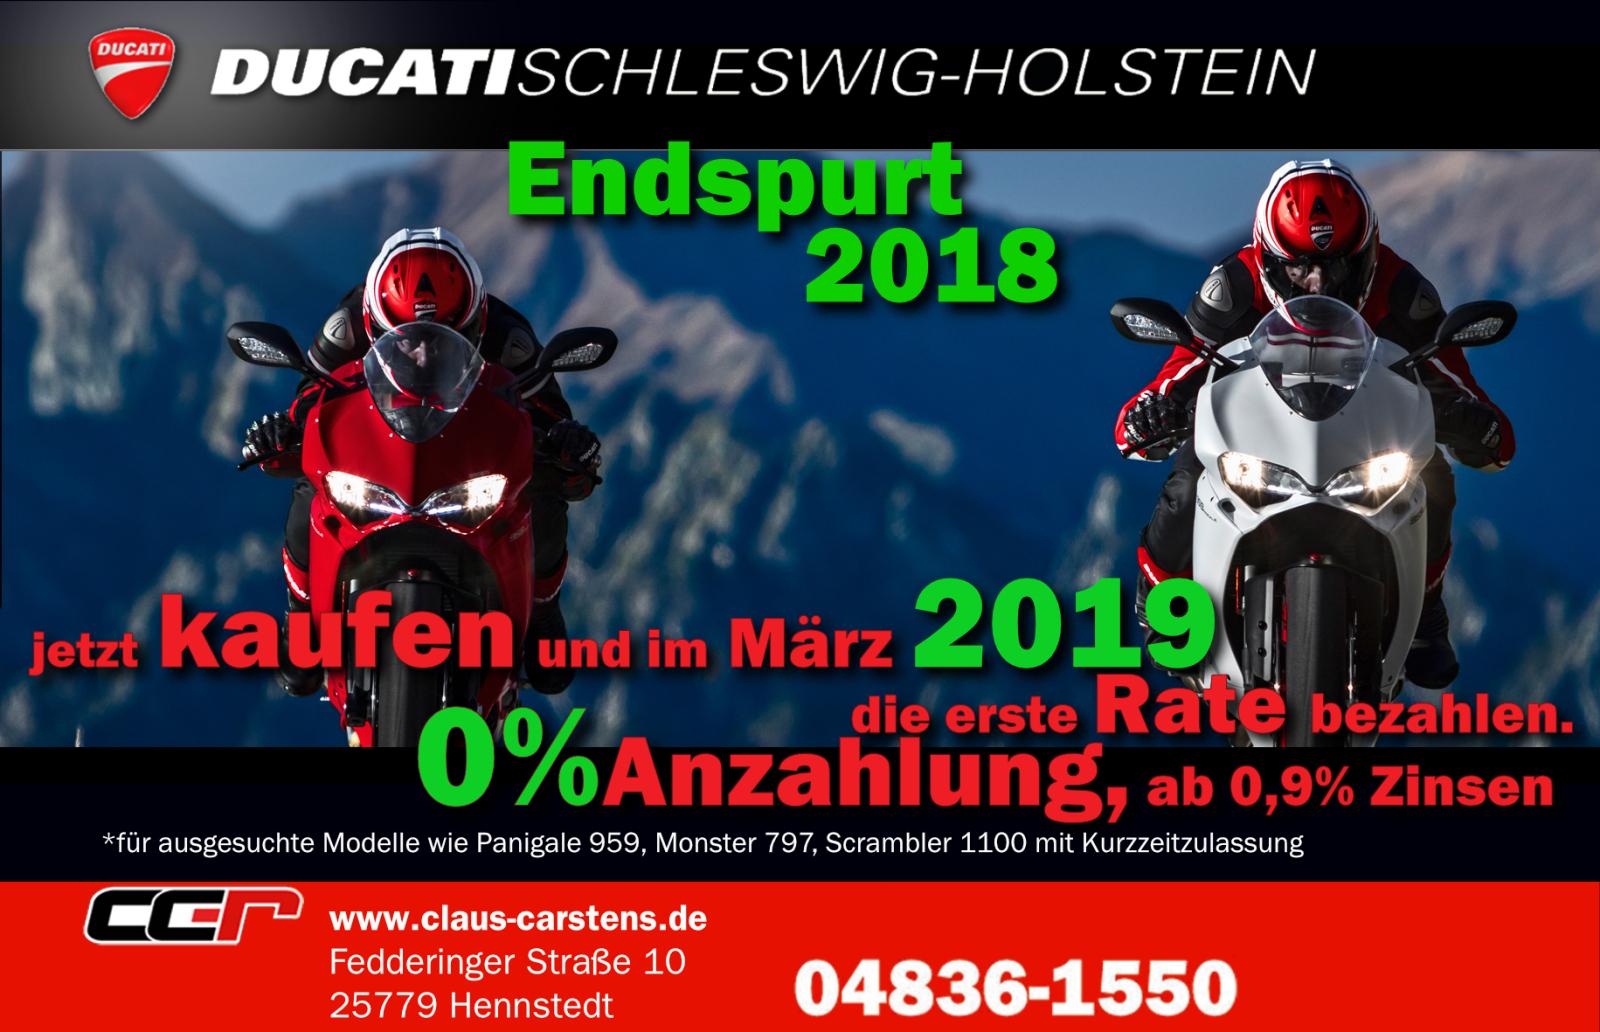 Ducati Schleswig Holstein Claus Carstens GmbH feierte 25 Jahre in Hennstedt